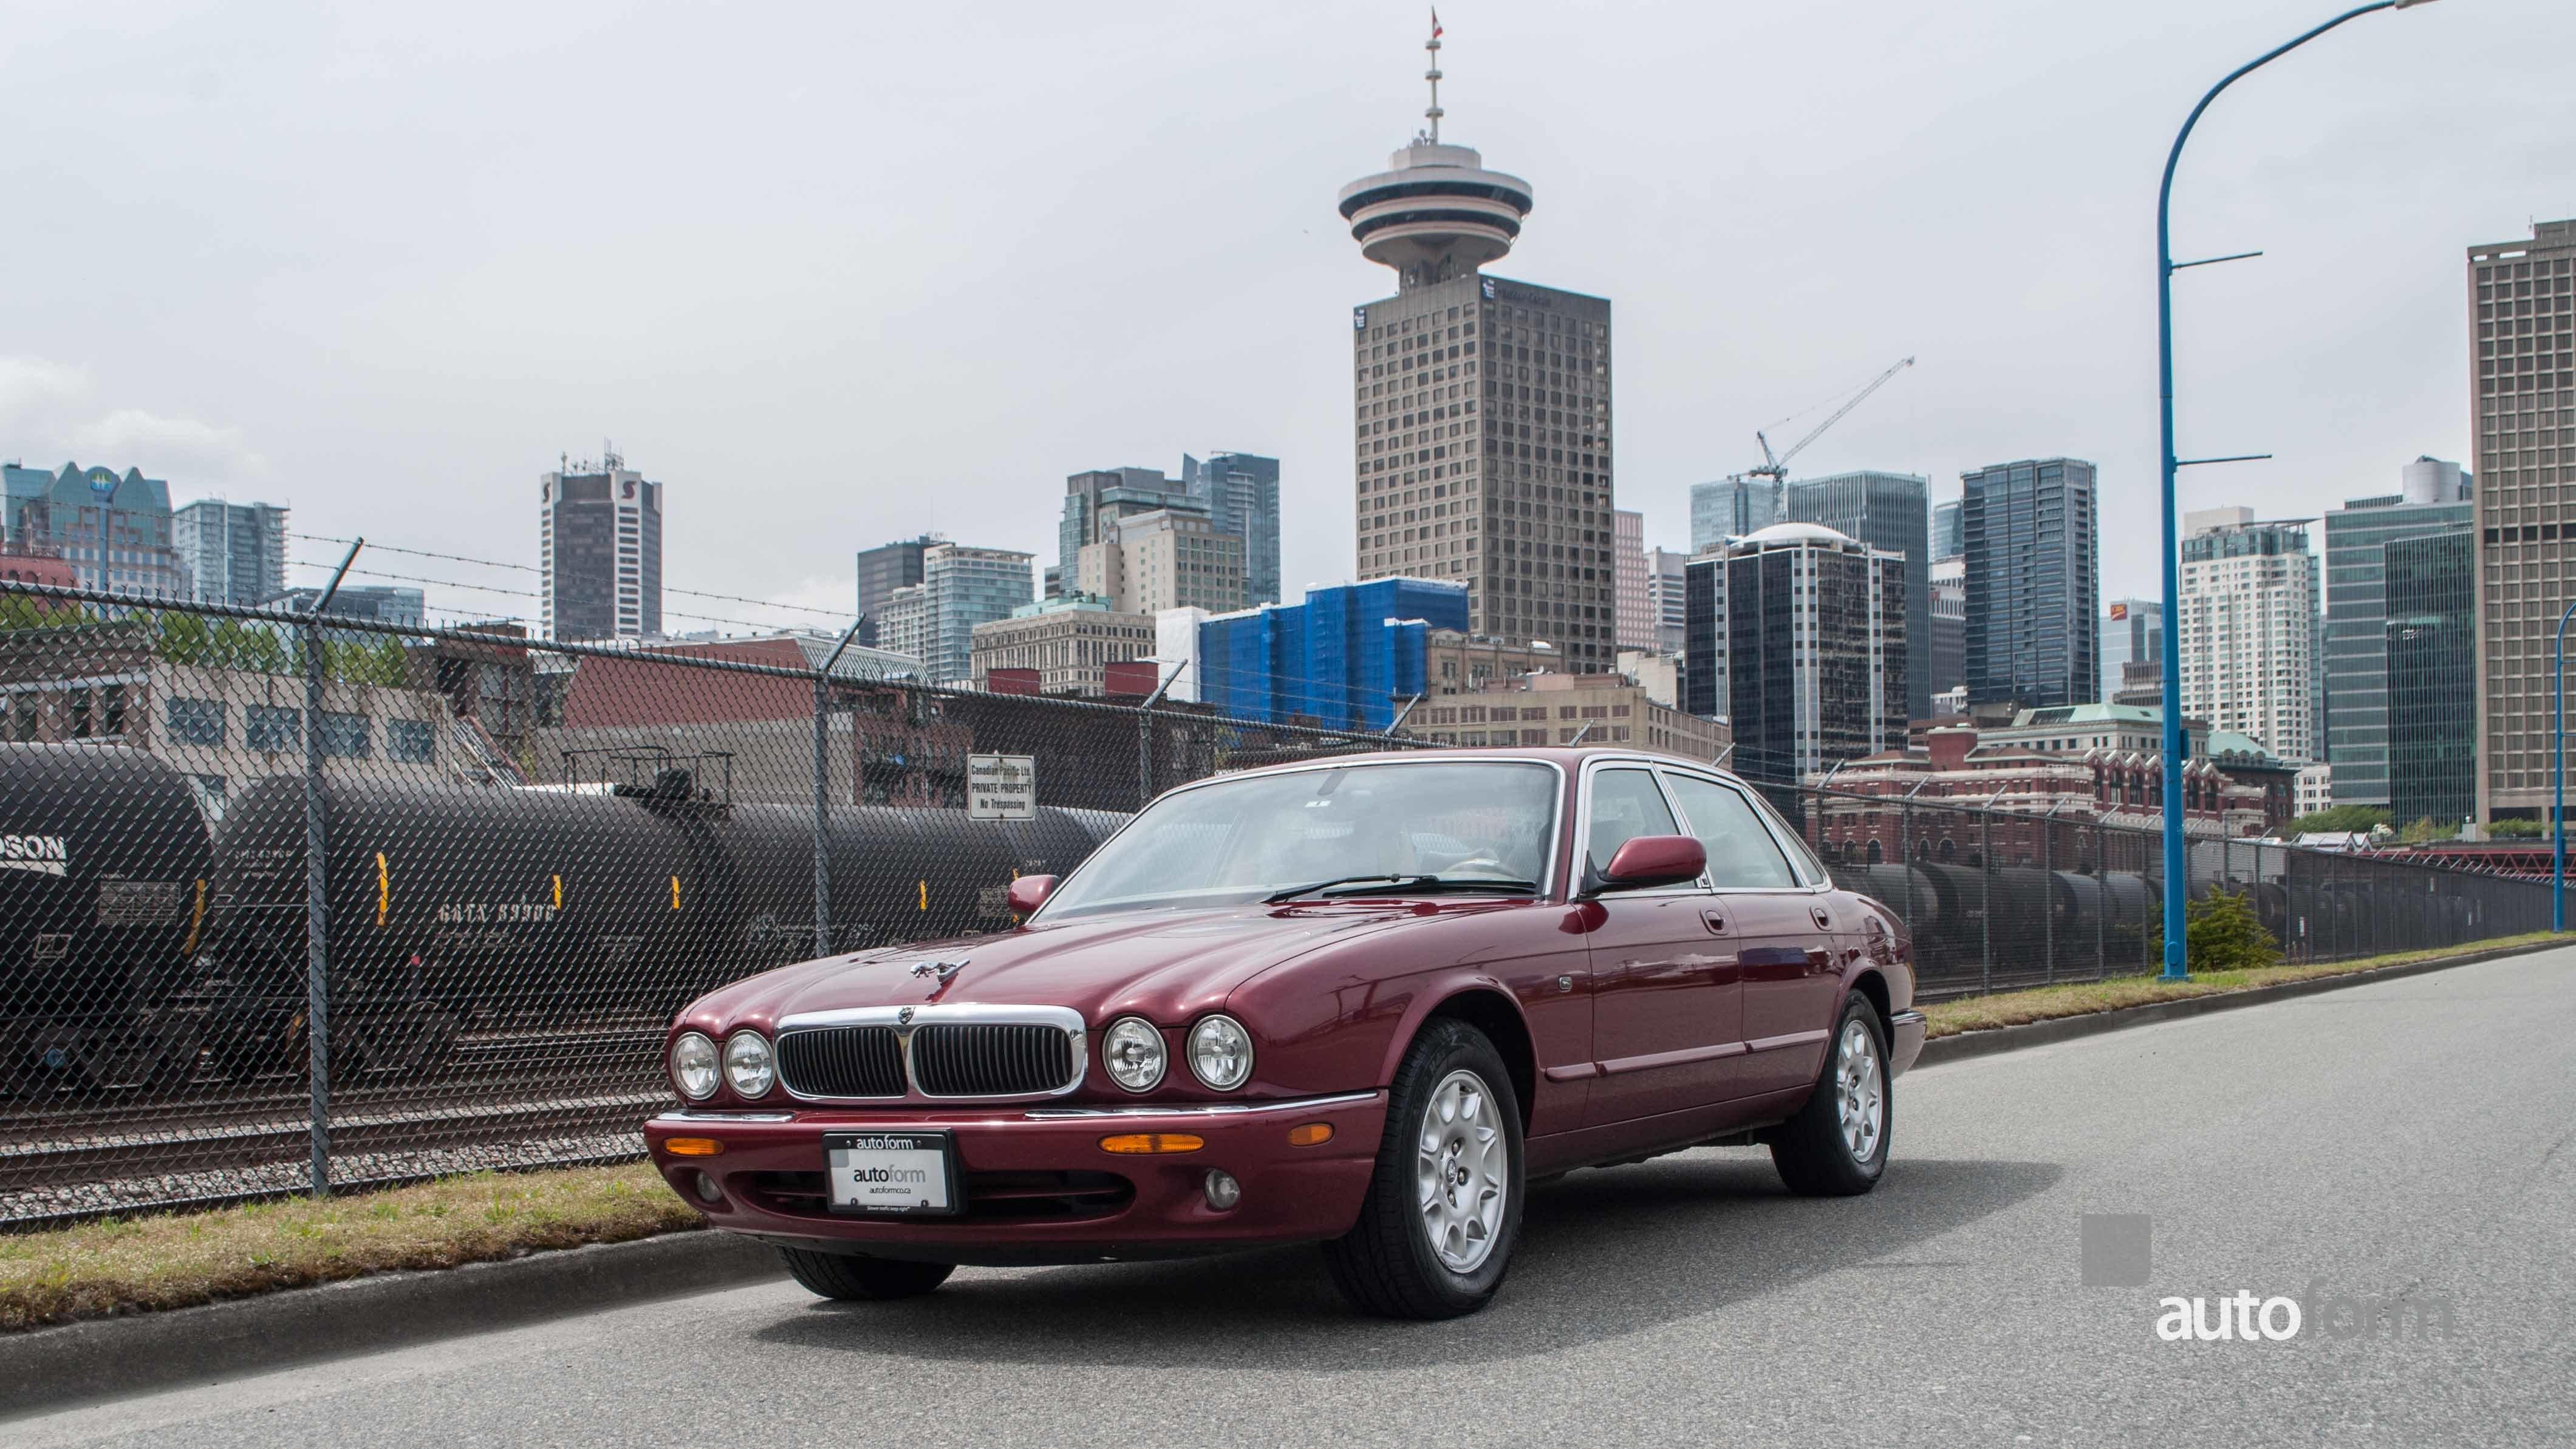 6902 843a61cc43c32001 jaguar xj8 vancouver autoform3